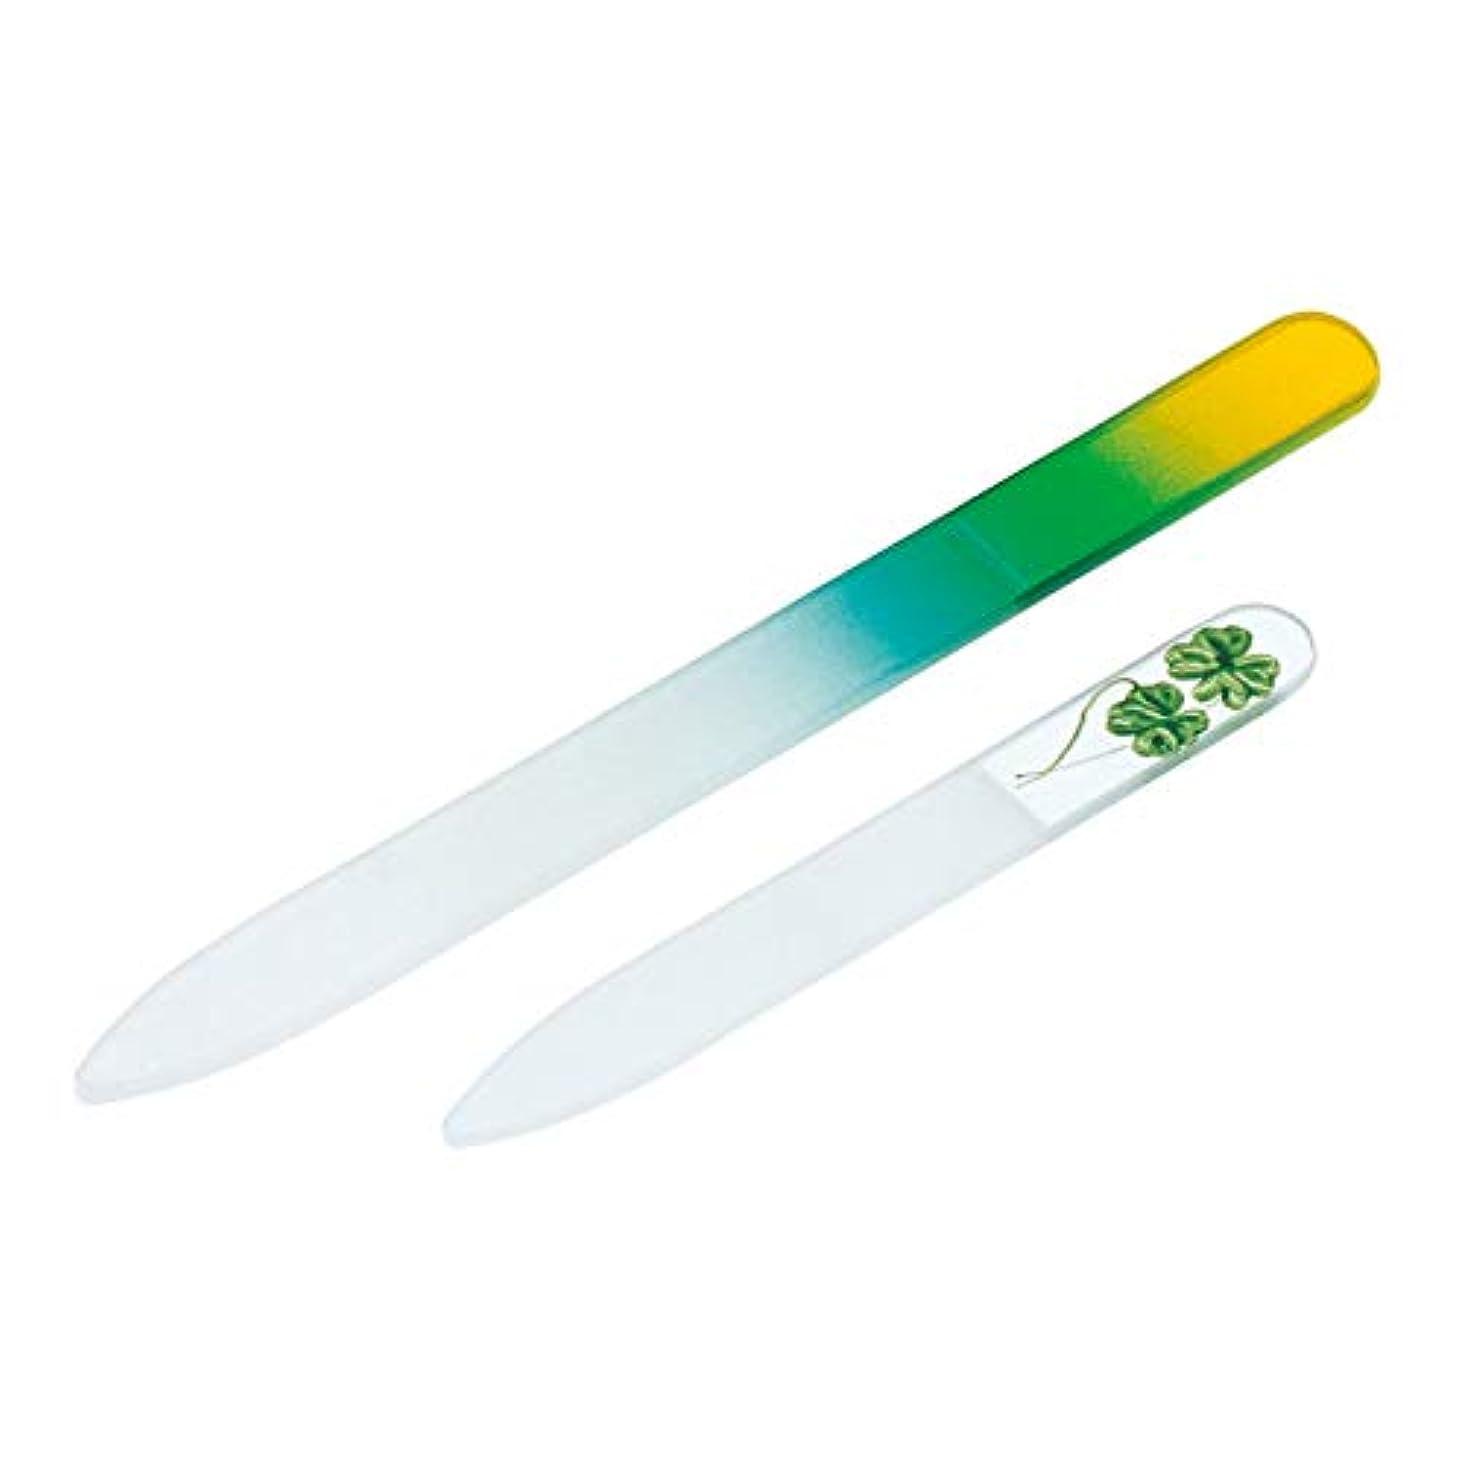 期待グラス測るガラス製爪やすり 大小2個セット ネイルケア 水洗い可 子ども ペット 携帯用 つめやすり 両面削れる チェコ製